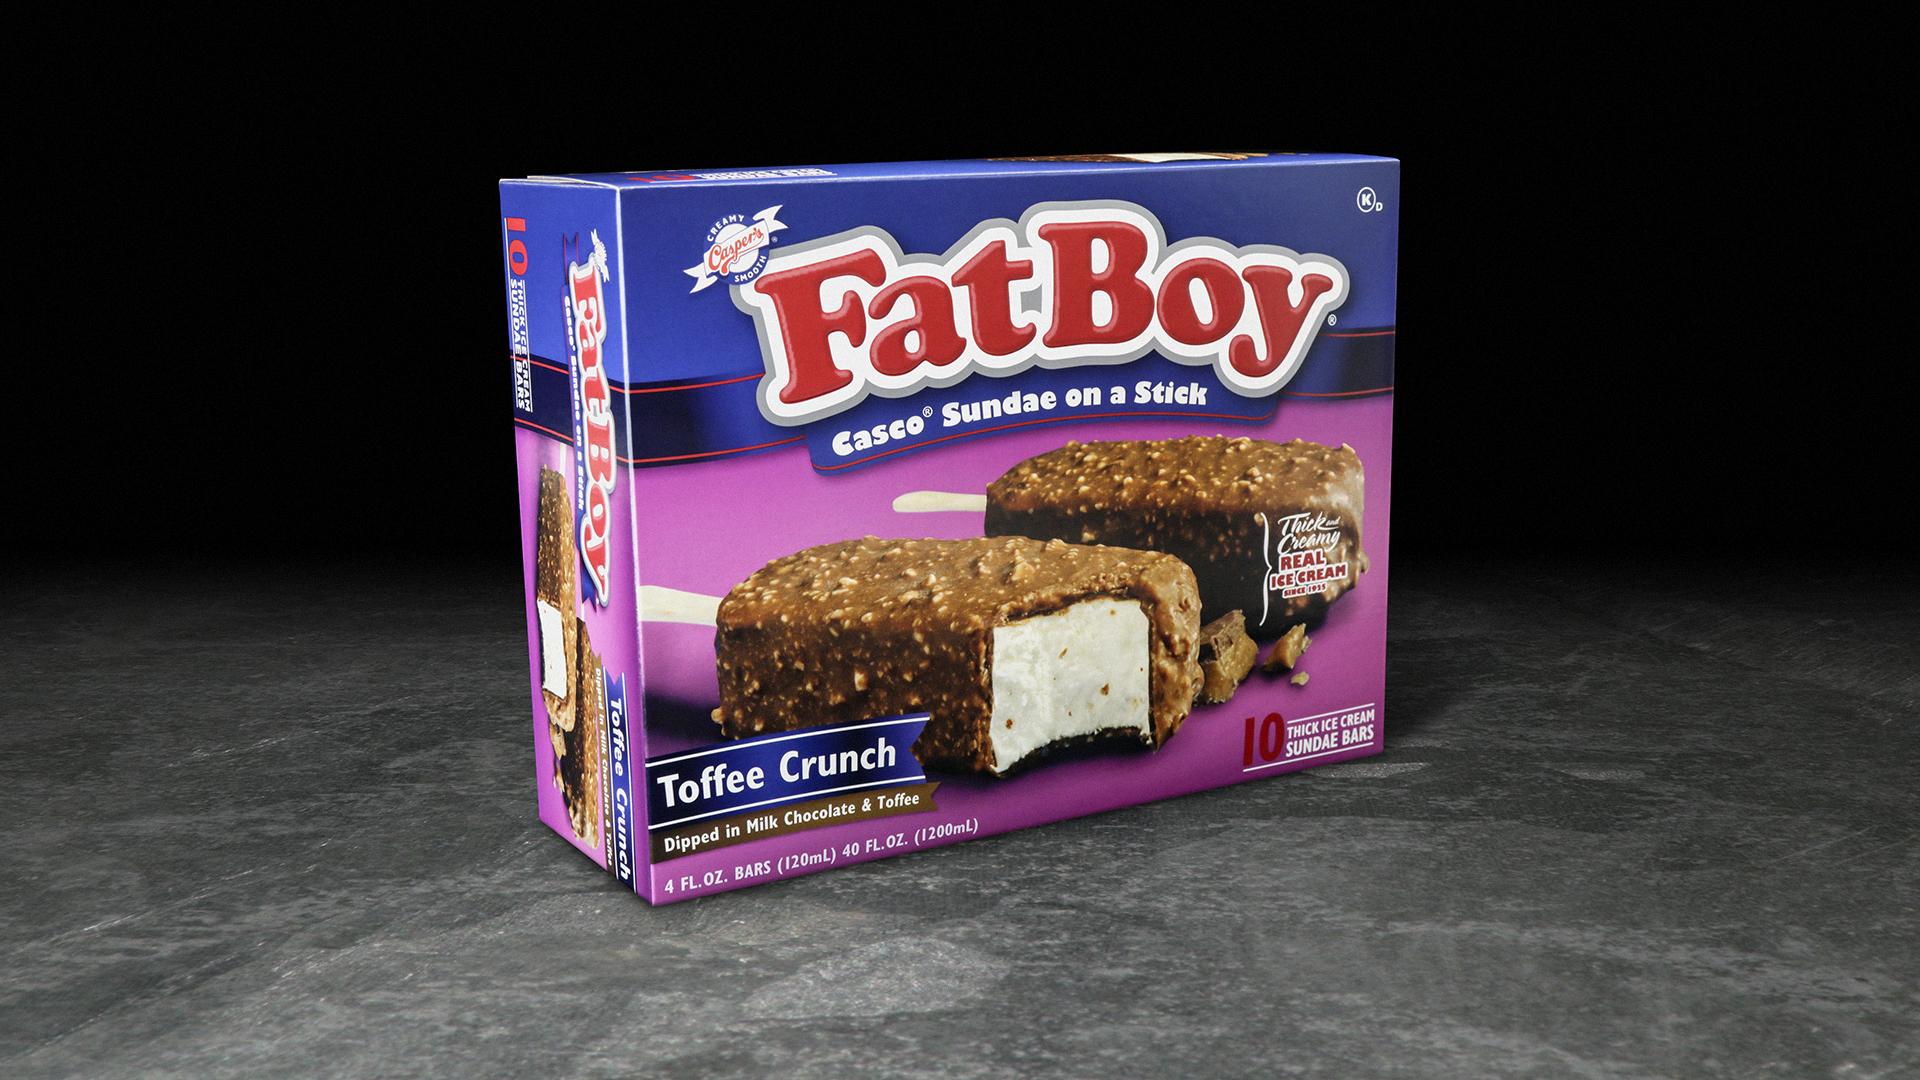 Fatboy Toffee Crunch Sample.jpg